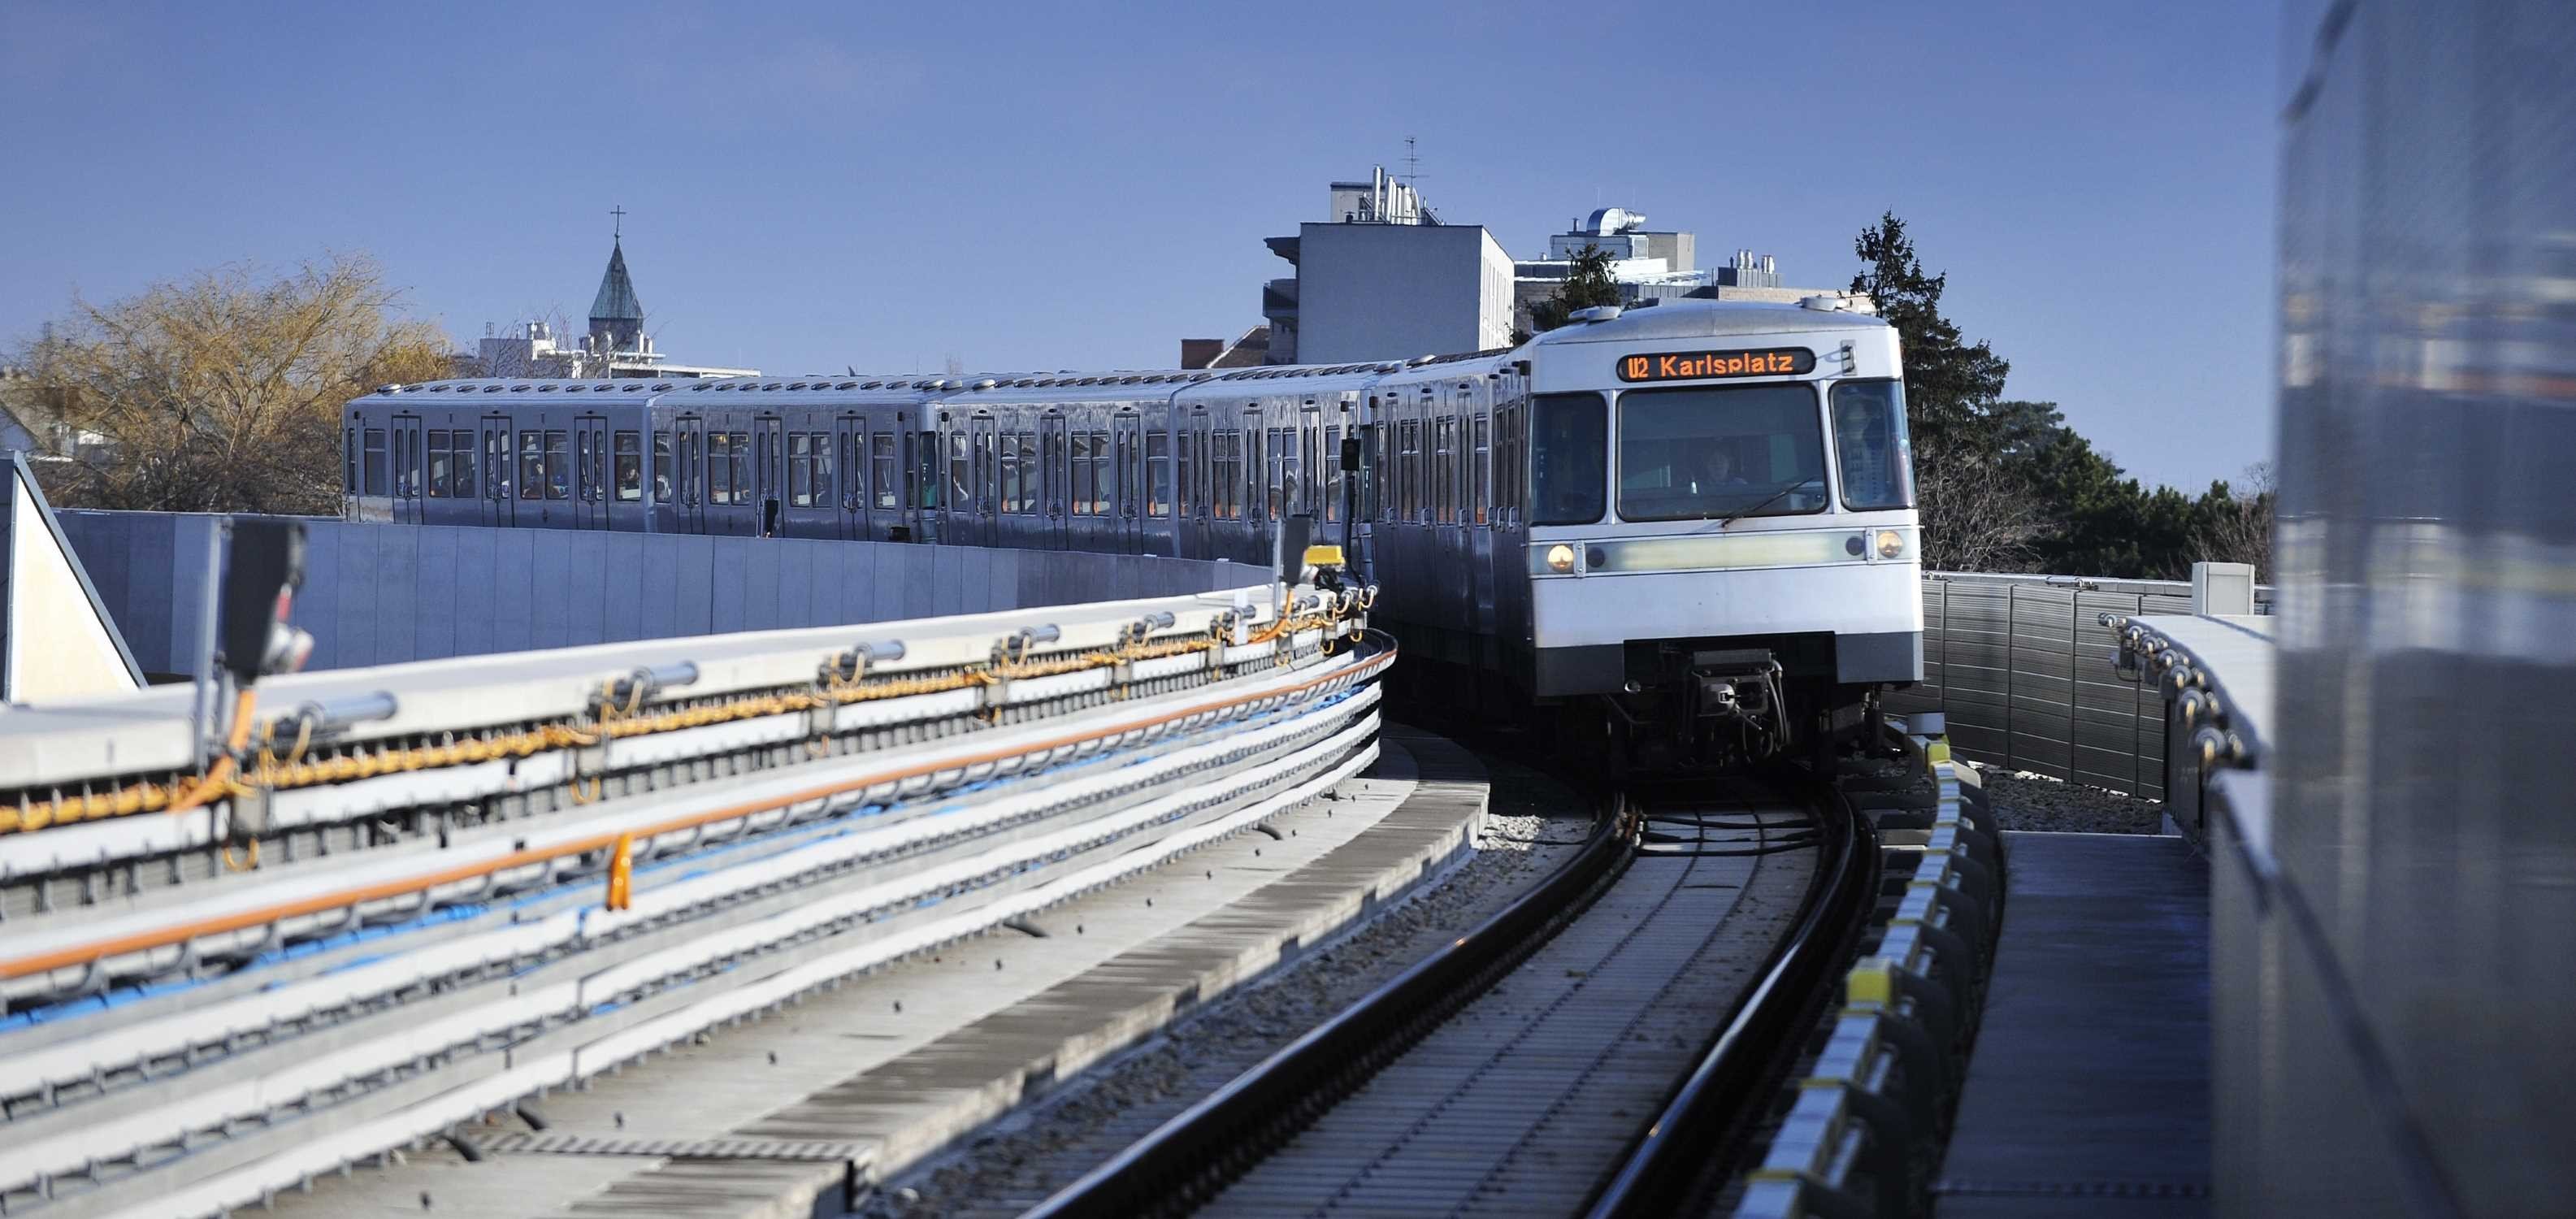 Hamarosan Bécsnek is lesz vezető nélküli metrója